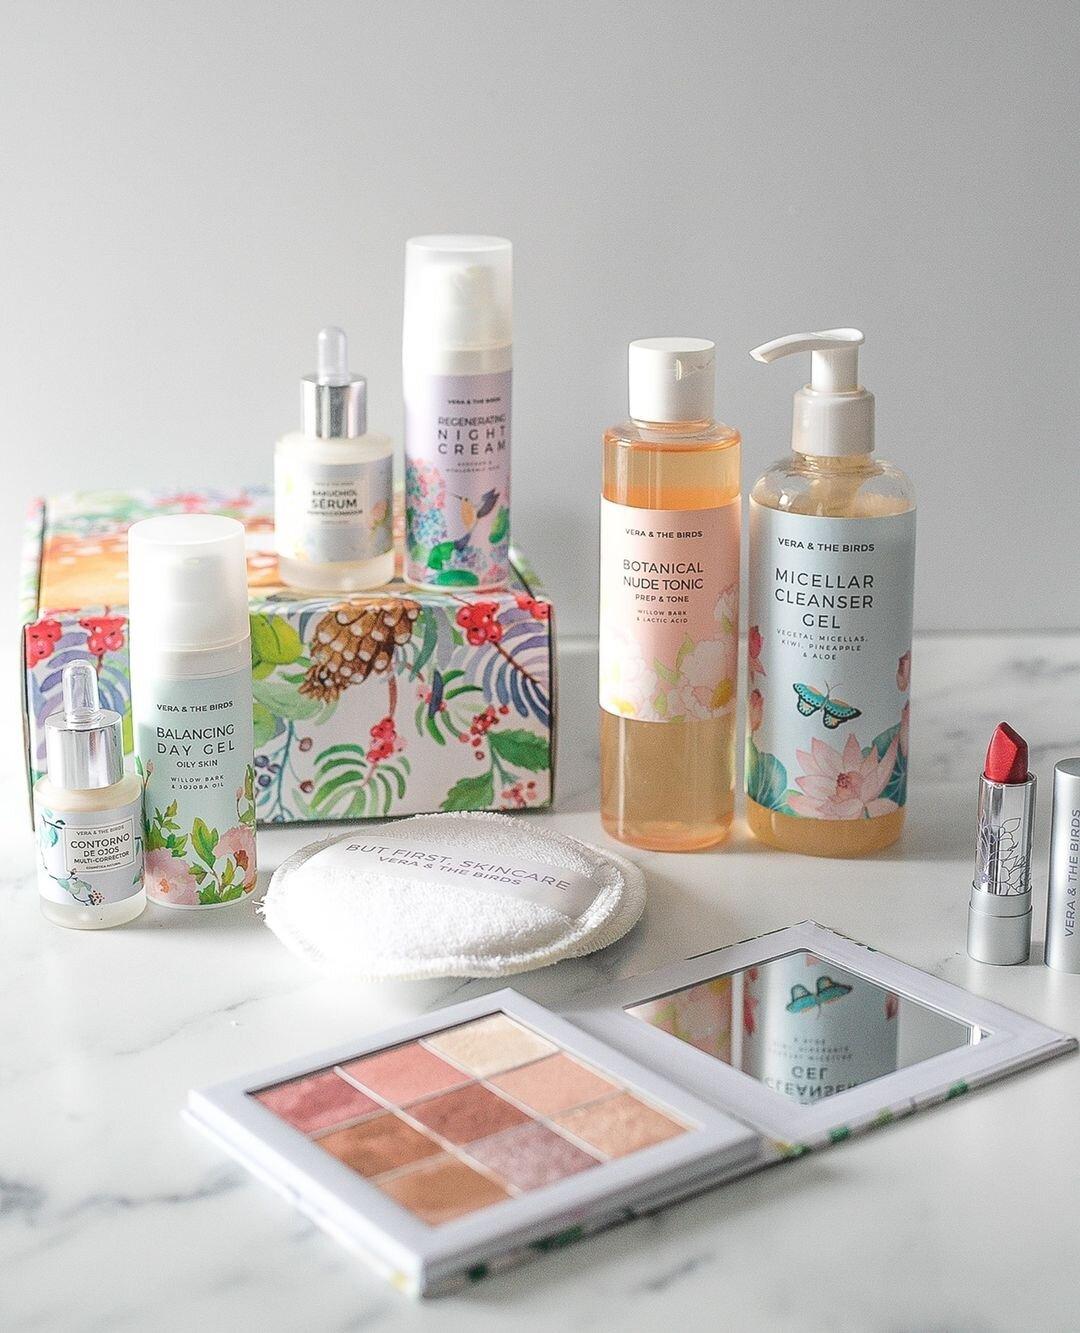 Guía de compras en Aliexpress, favoritos de cosmética